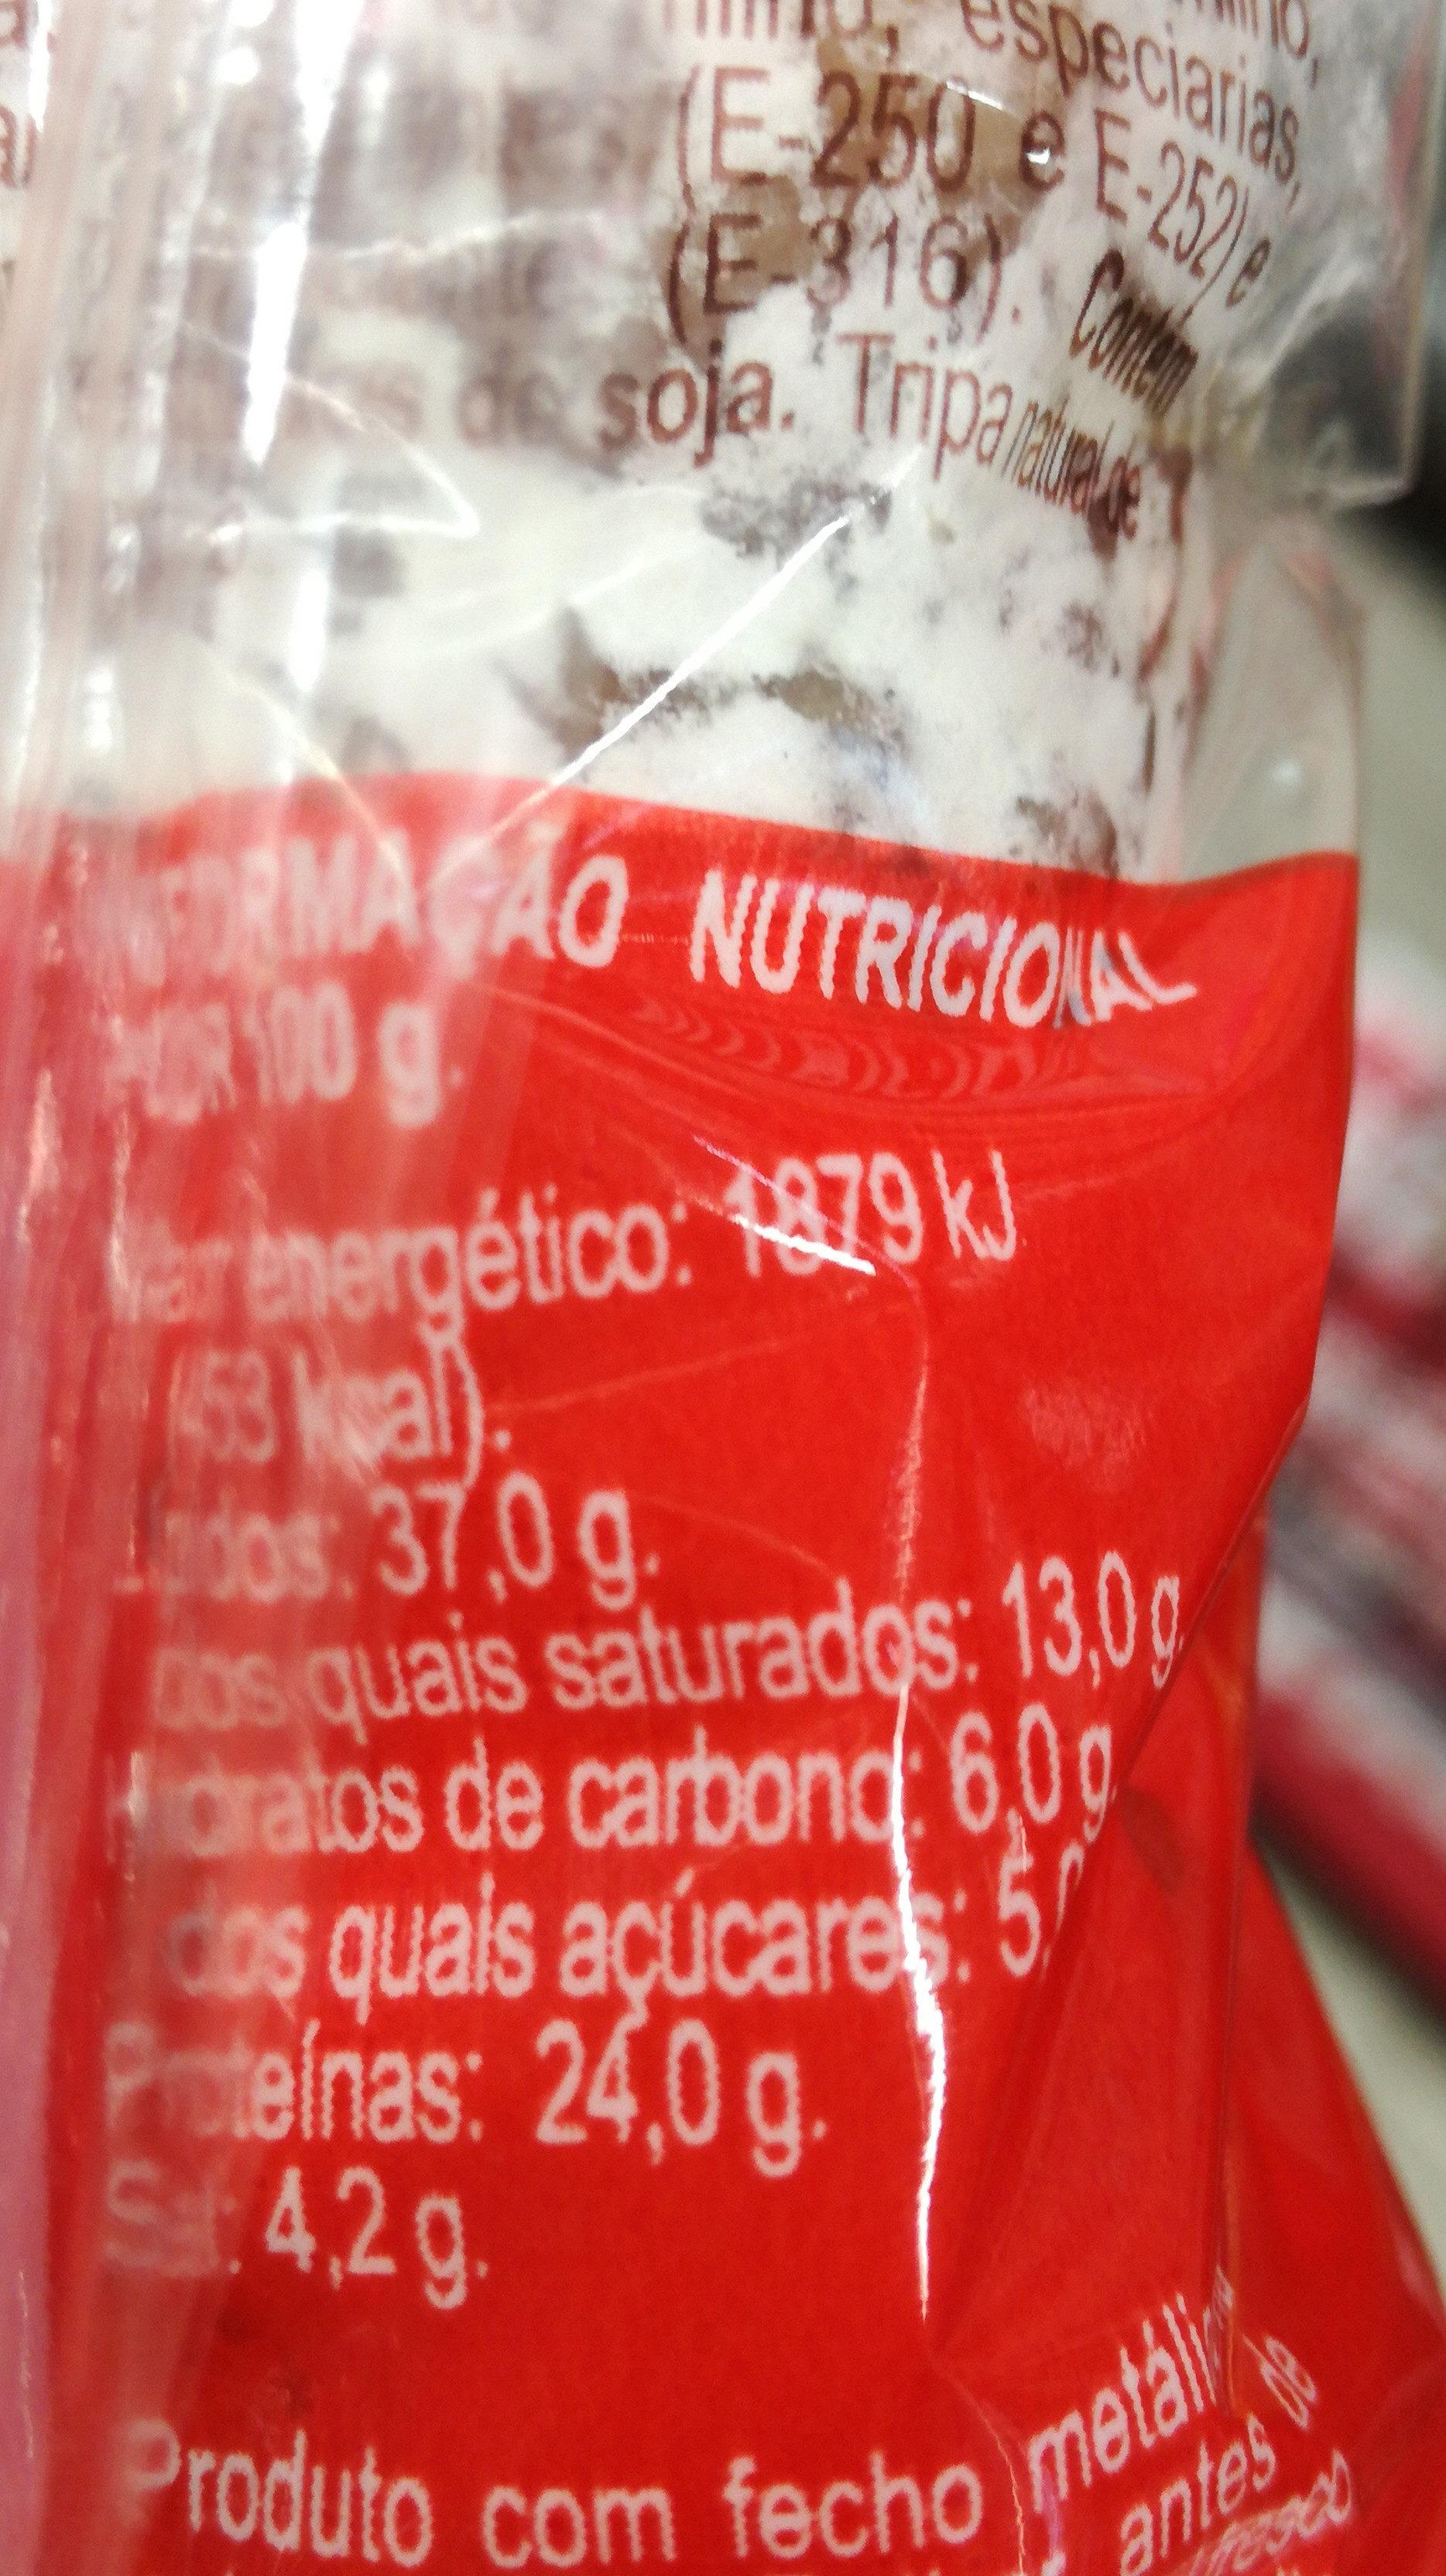 Salsichao Fuet Caseiro - Informació nutricional